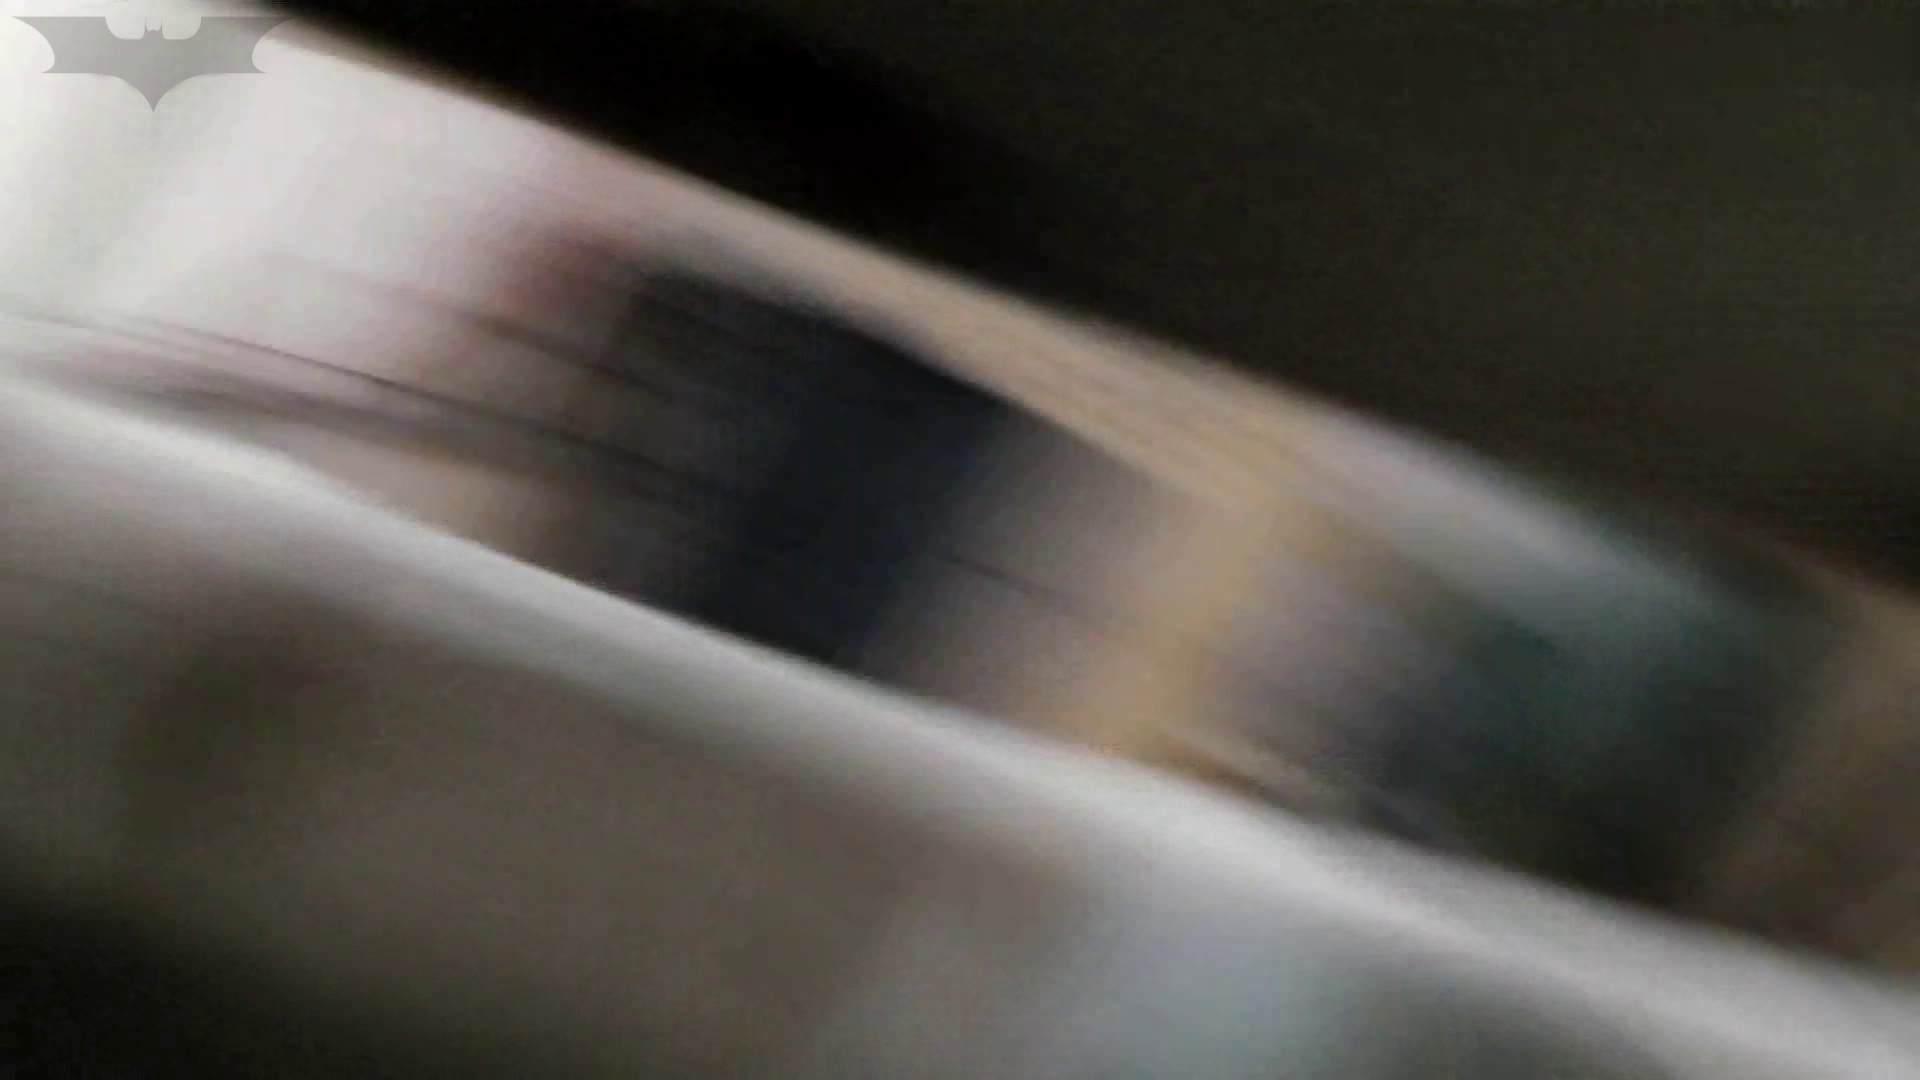 ステーション編 vol.28 無料動画に登場したモデルつい本番登場!! 高画質 アダルト動画キャプチャ 99枚 83